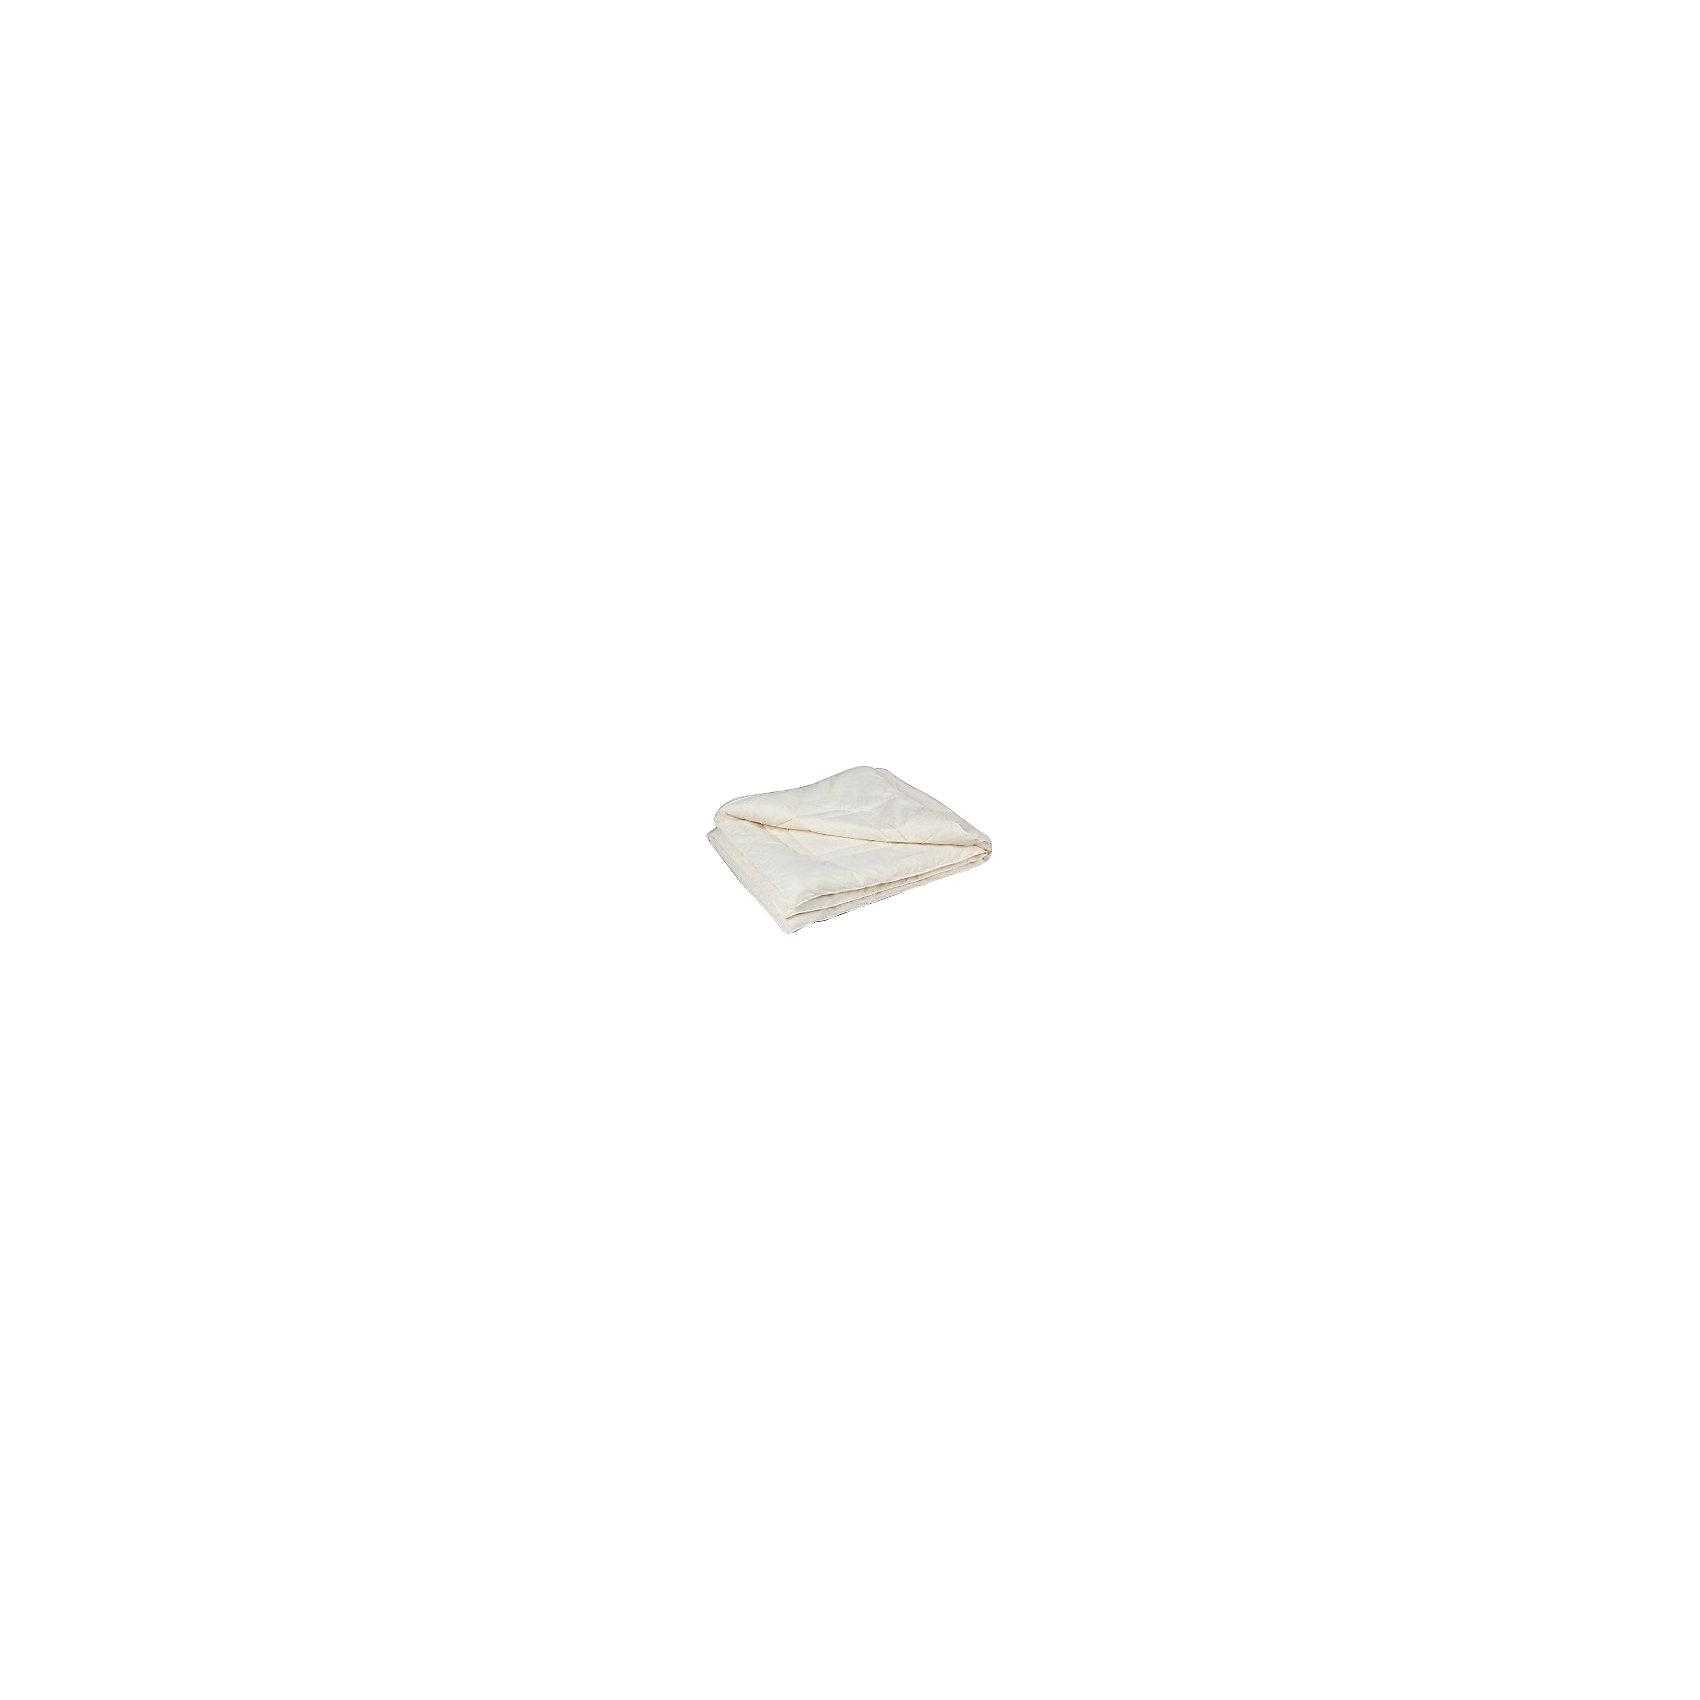 Одеяло 110*140 см (синтетическое волокно, сатин), Непоседа